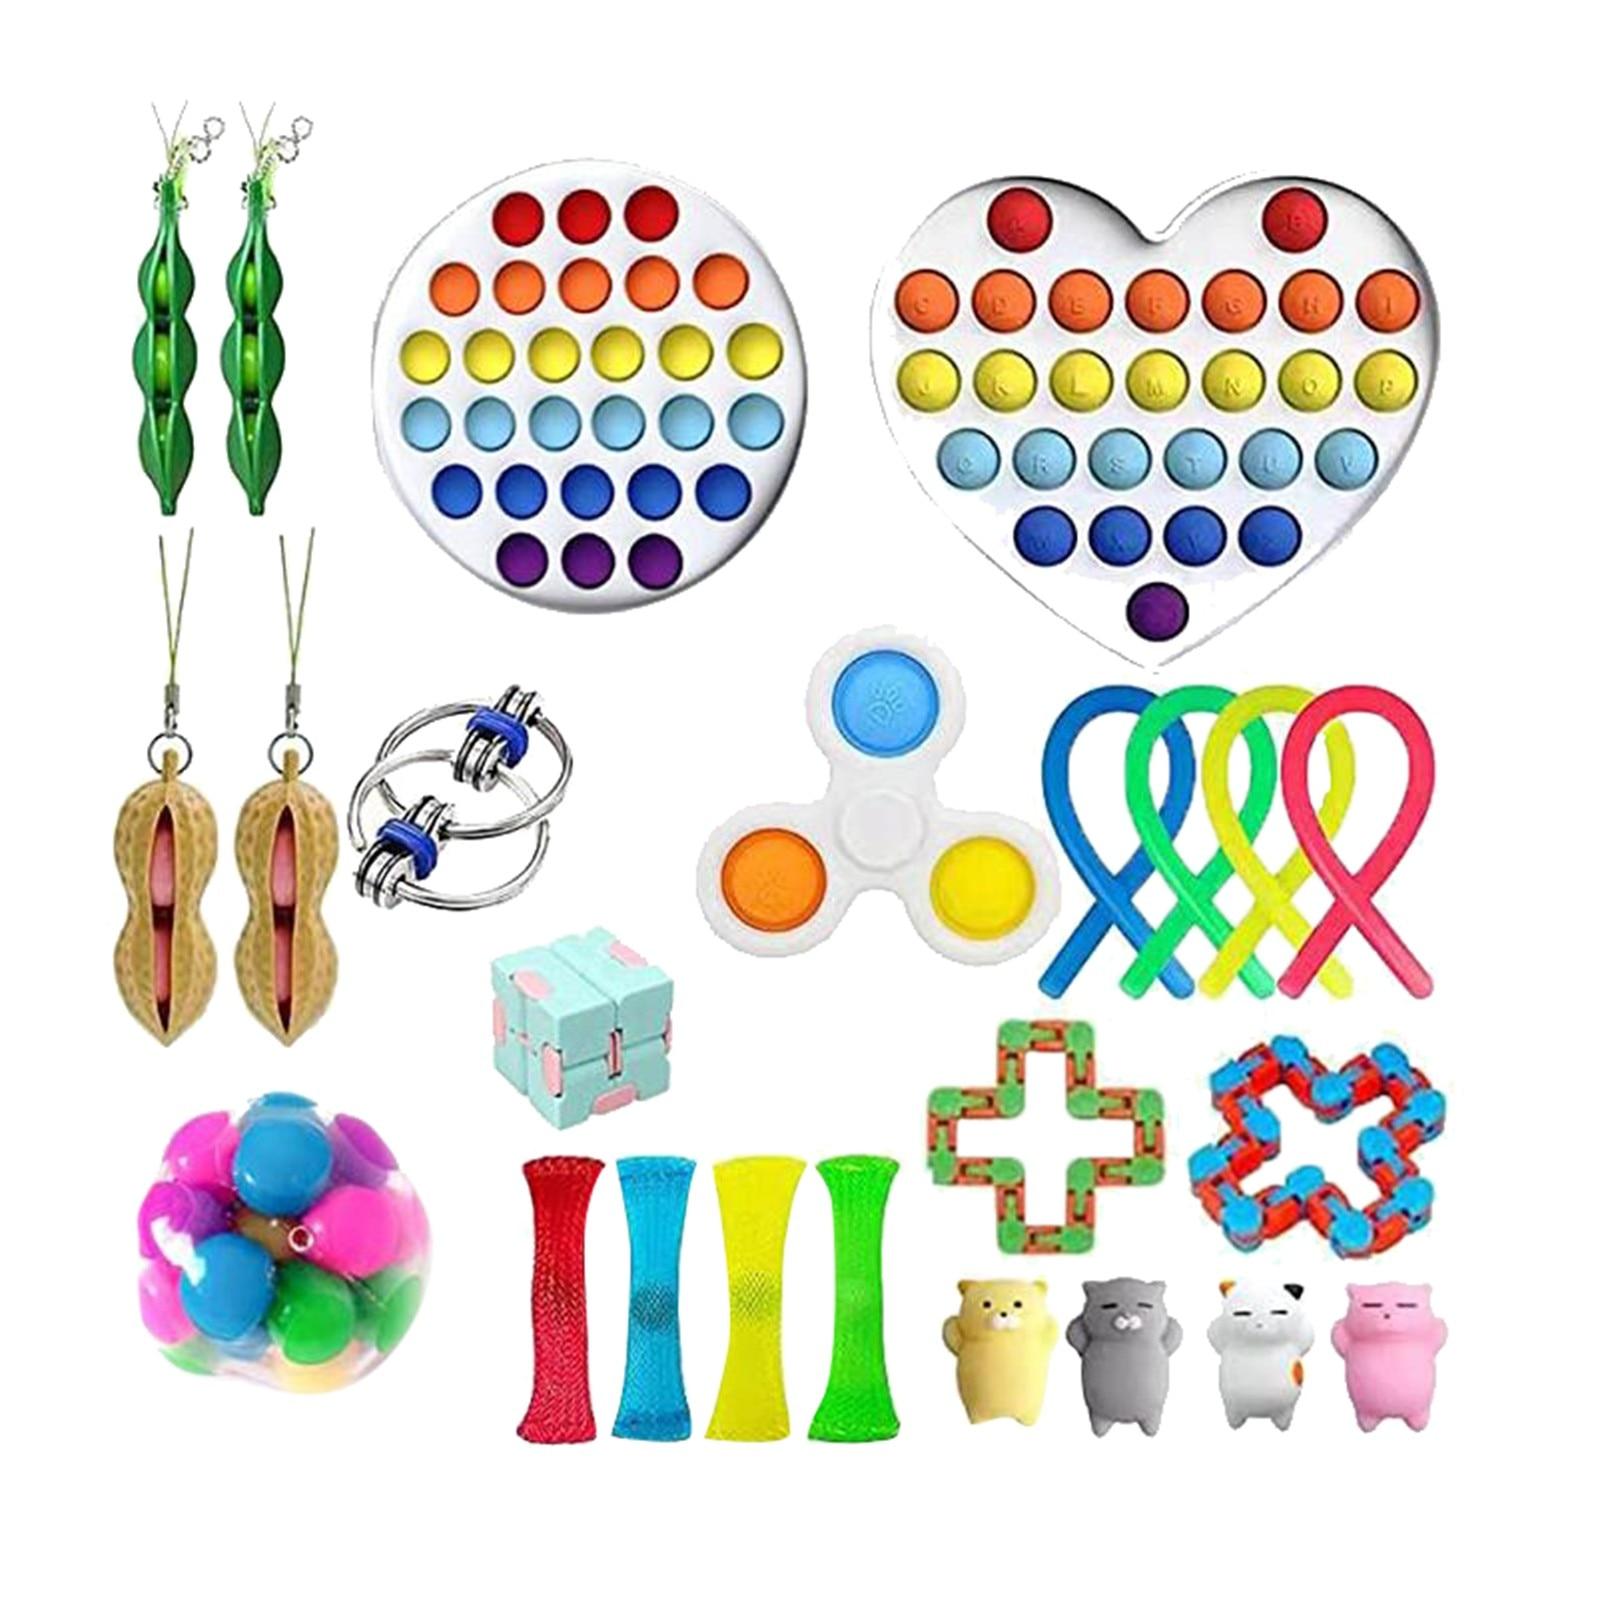 Heißer Zappeln Spielzeug Anti Stress Set Stretchy Saiten Push Geschenk Pack Erwachsene Kinder Squishy Sensorischen Antistress Relief Figet Spielzeug